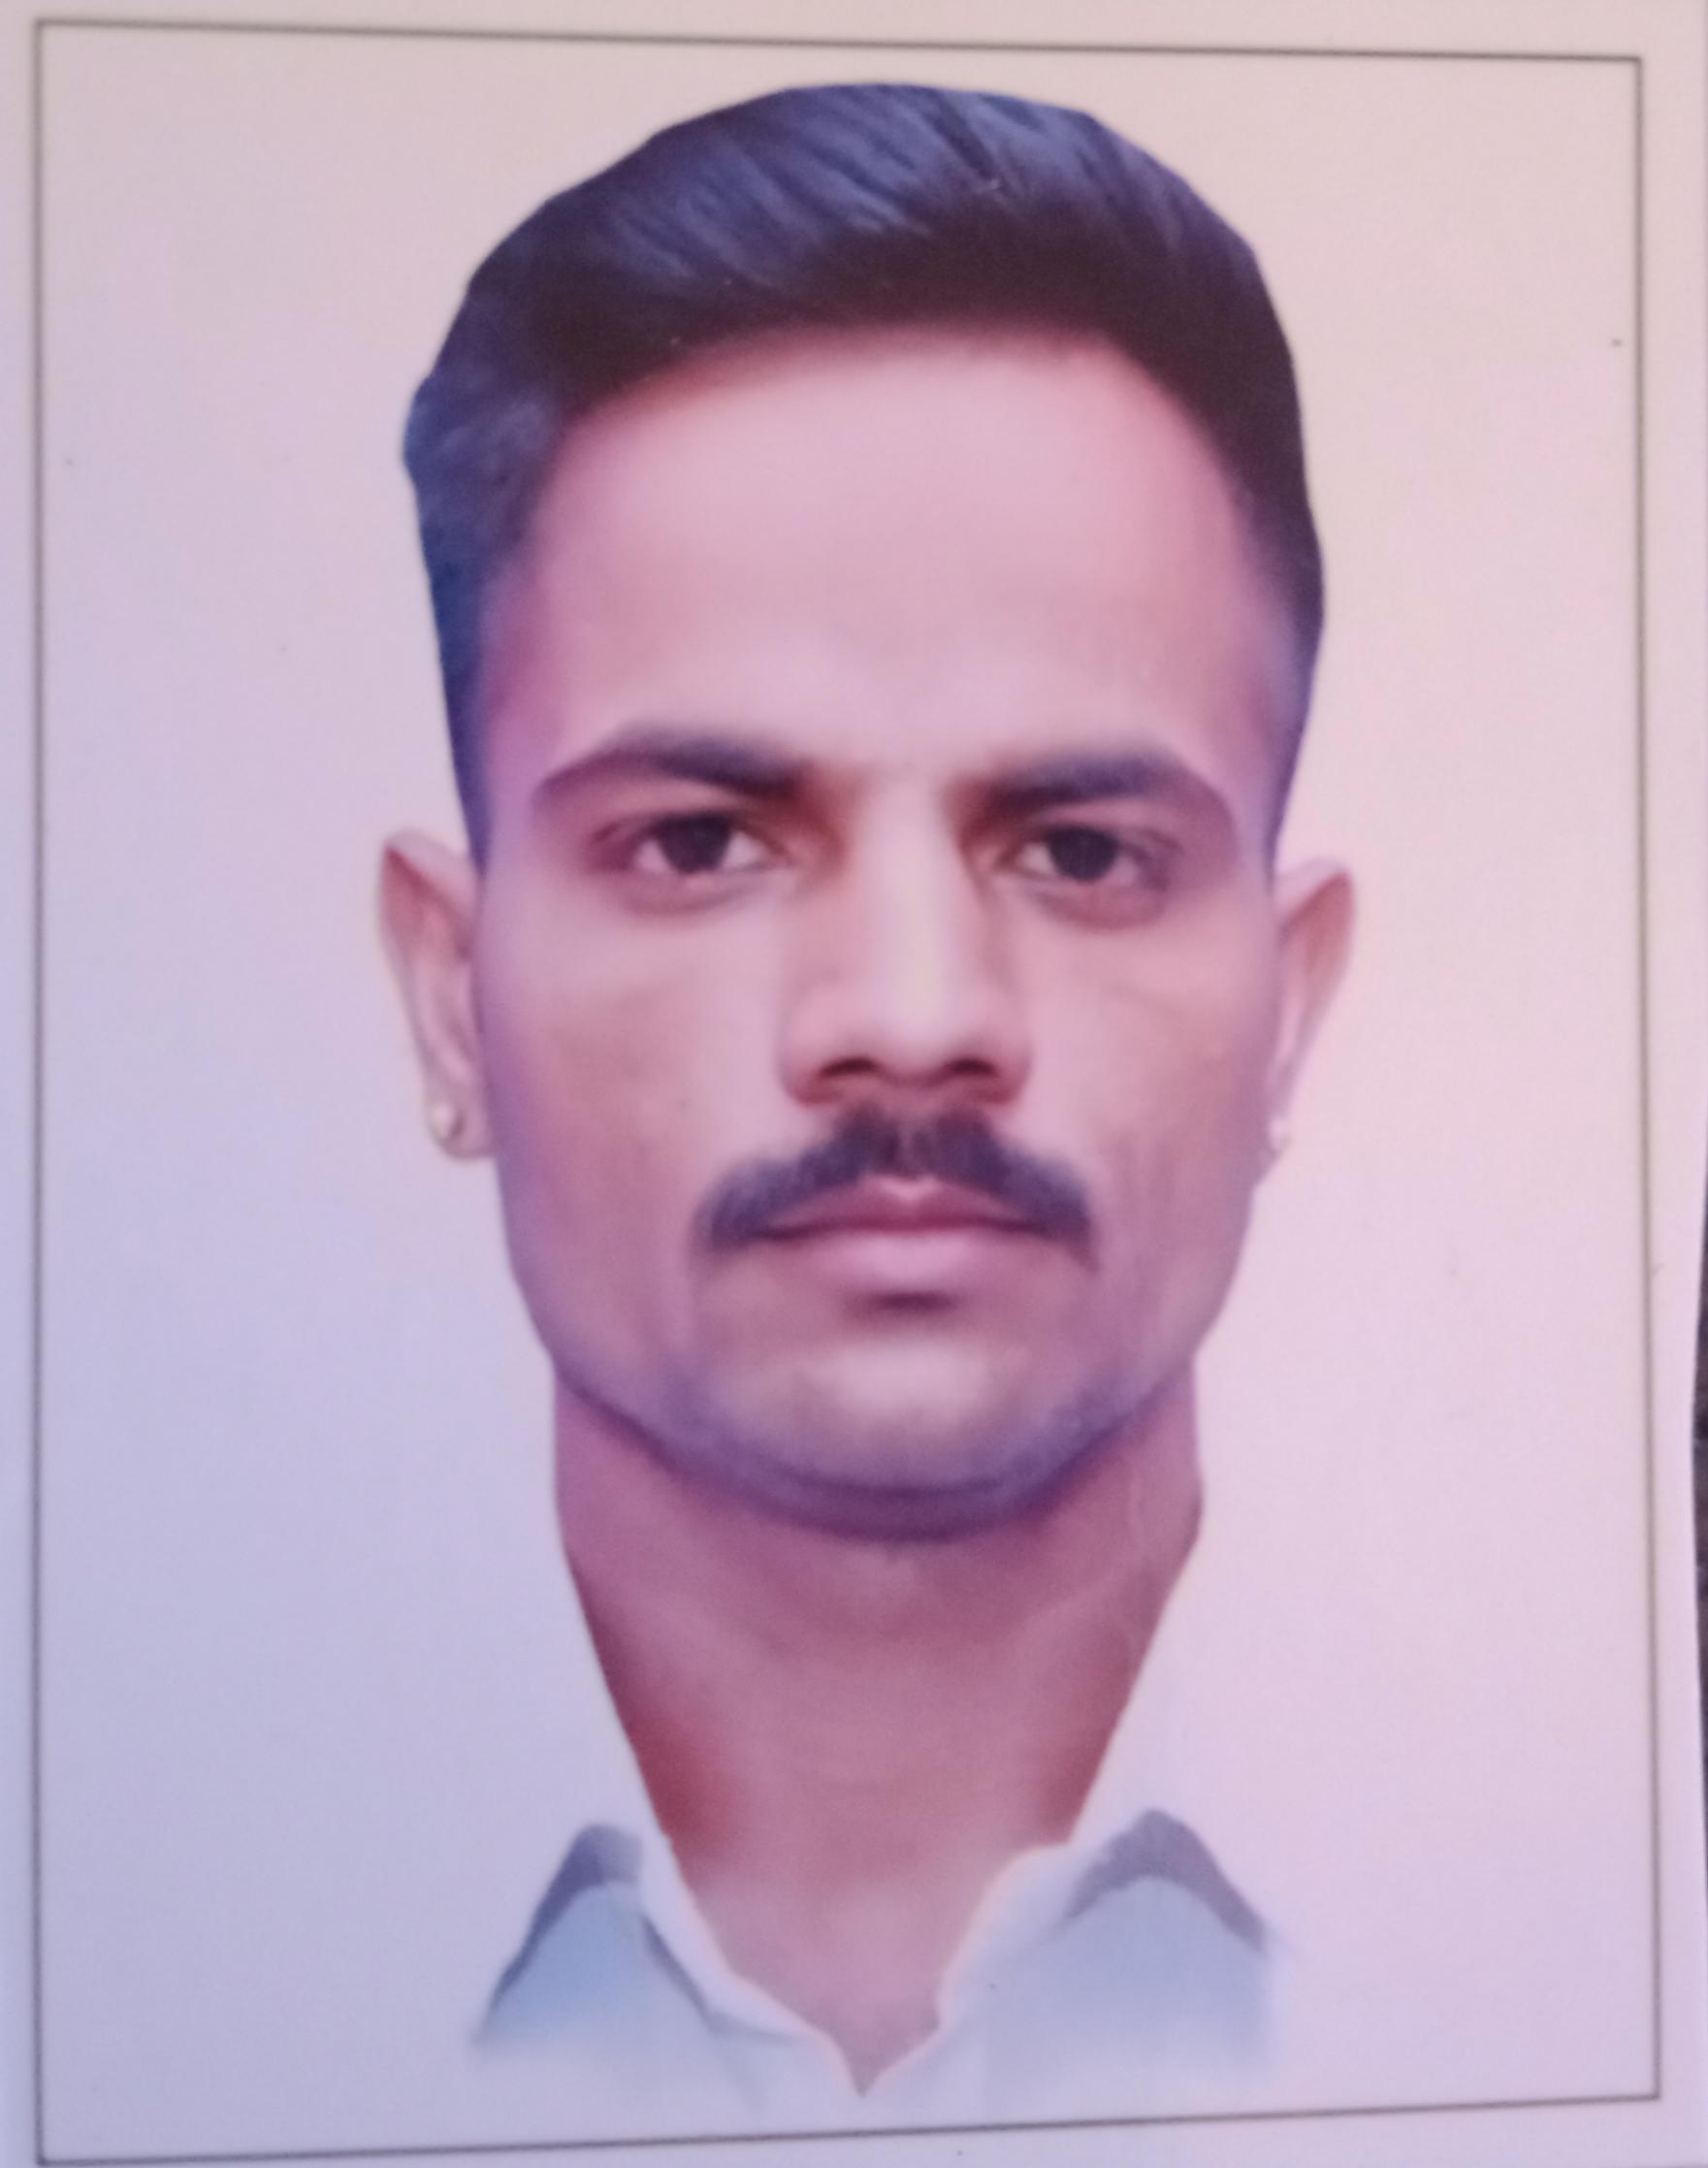 Pratap Singh seafarer Wiper Oil/Chemical tanker